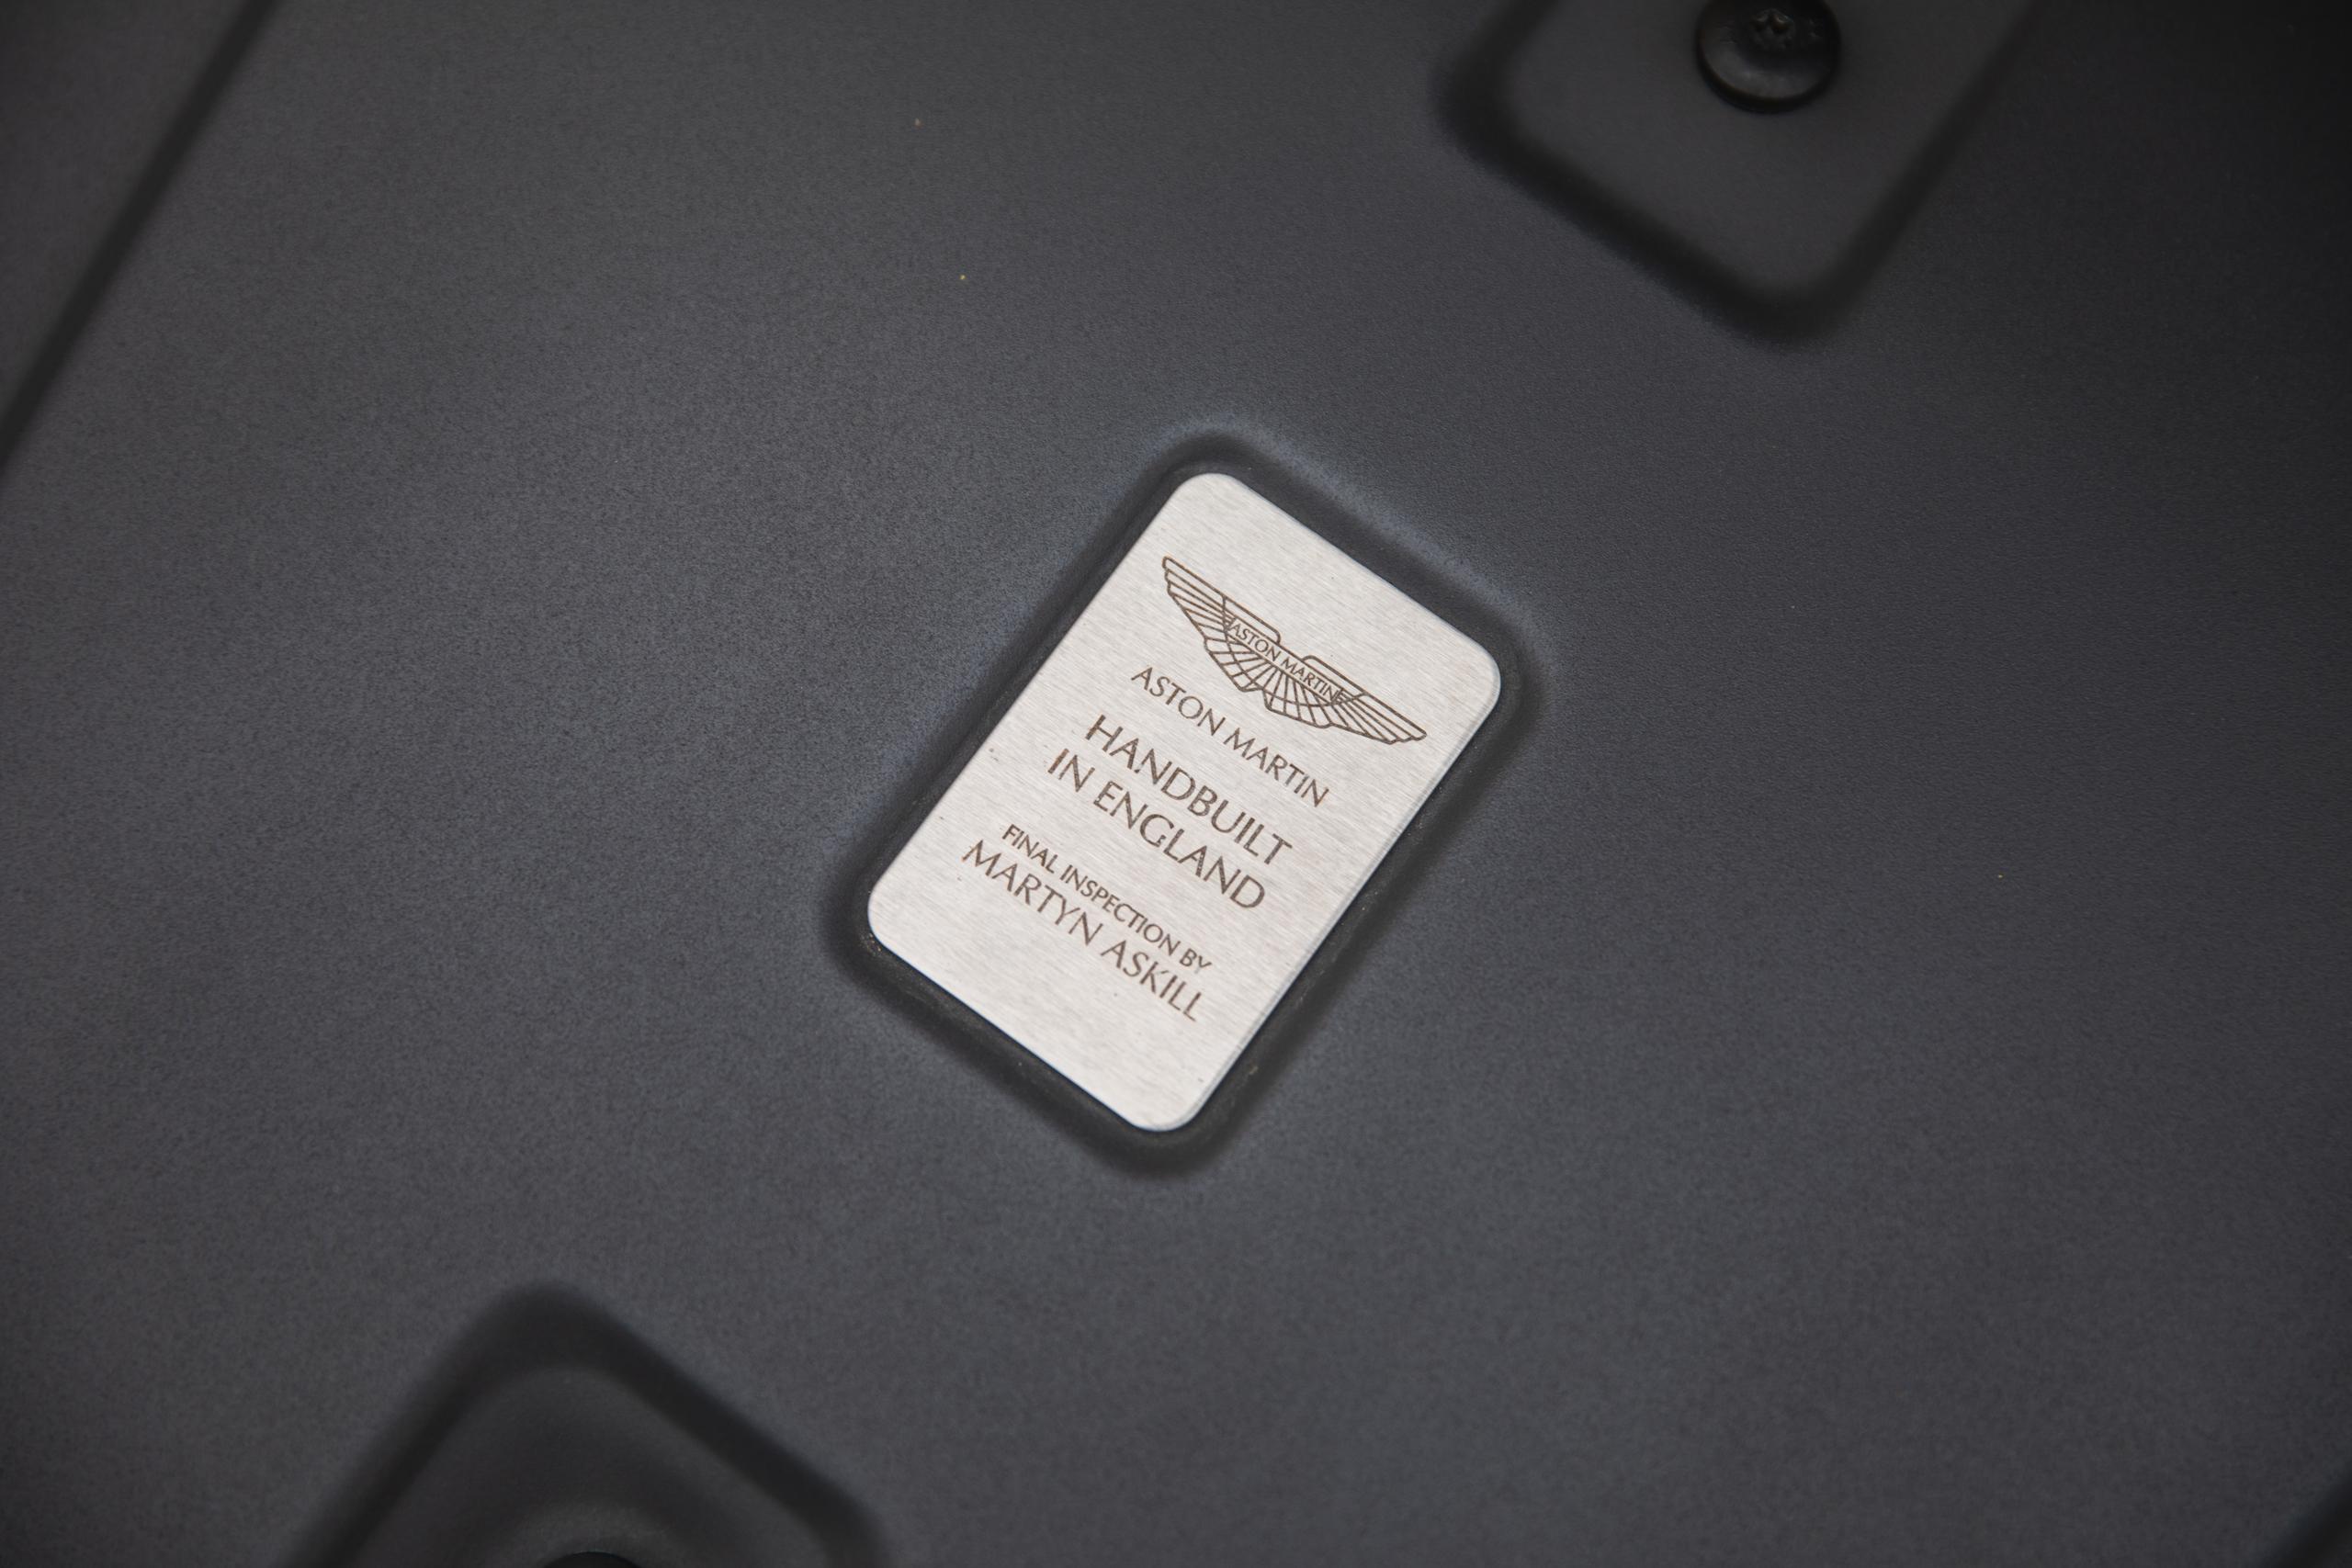 2007 Aston Martin Vantage V8 handbuilt badge detail